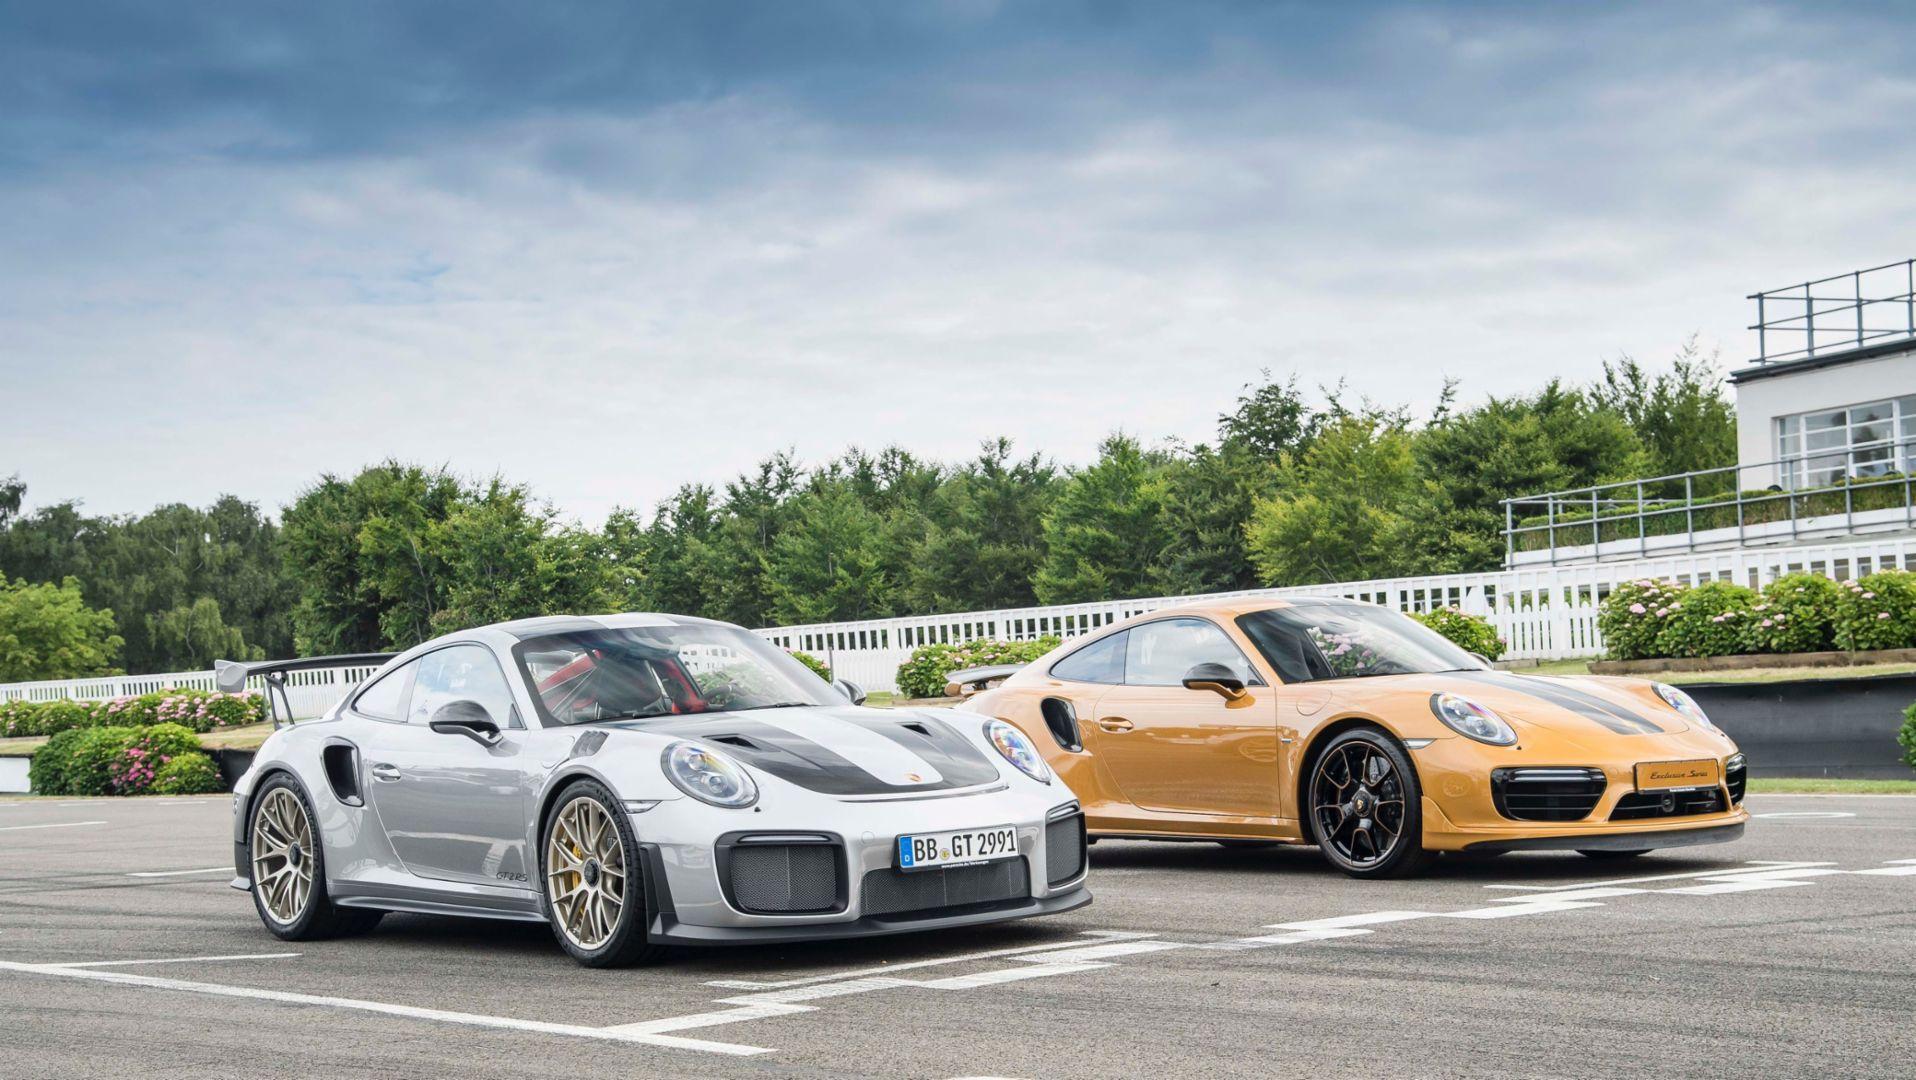 2019 Porsche 911 Turbo S >> Goodwood: 1,307 hp total power